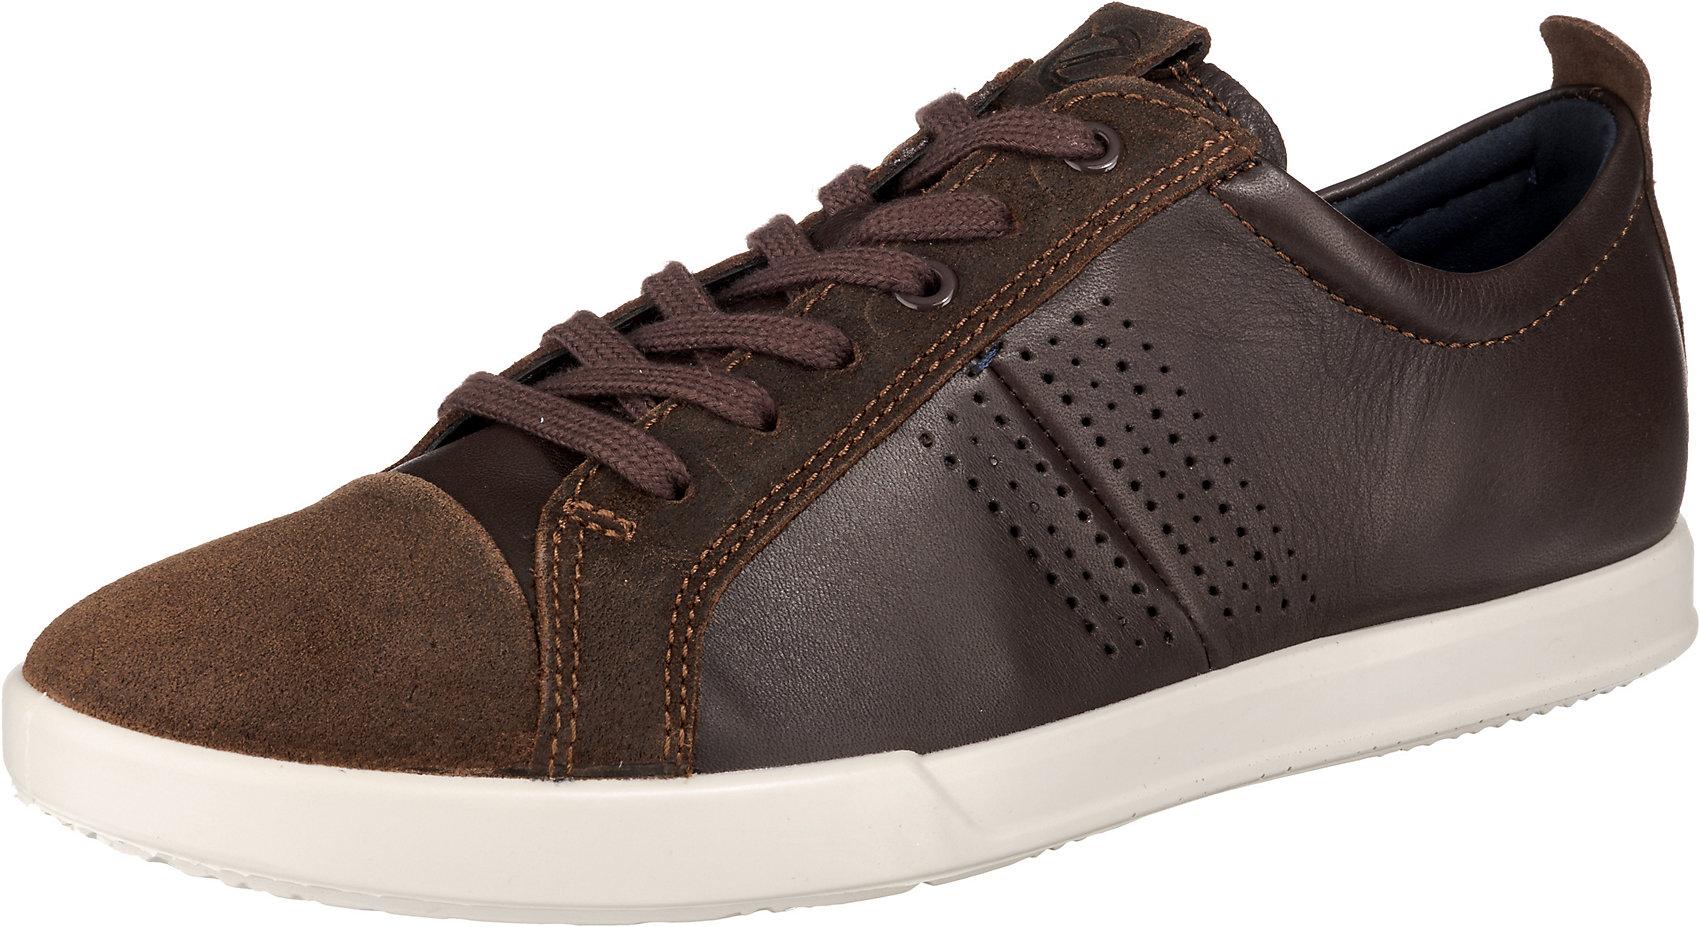 2 Collin Für Herren Ecco 0 Details Zu 10546588 Sneakers Low Neu 8n0kOPw